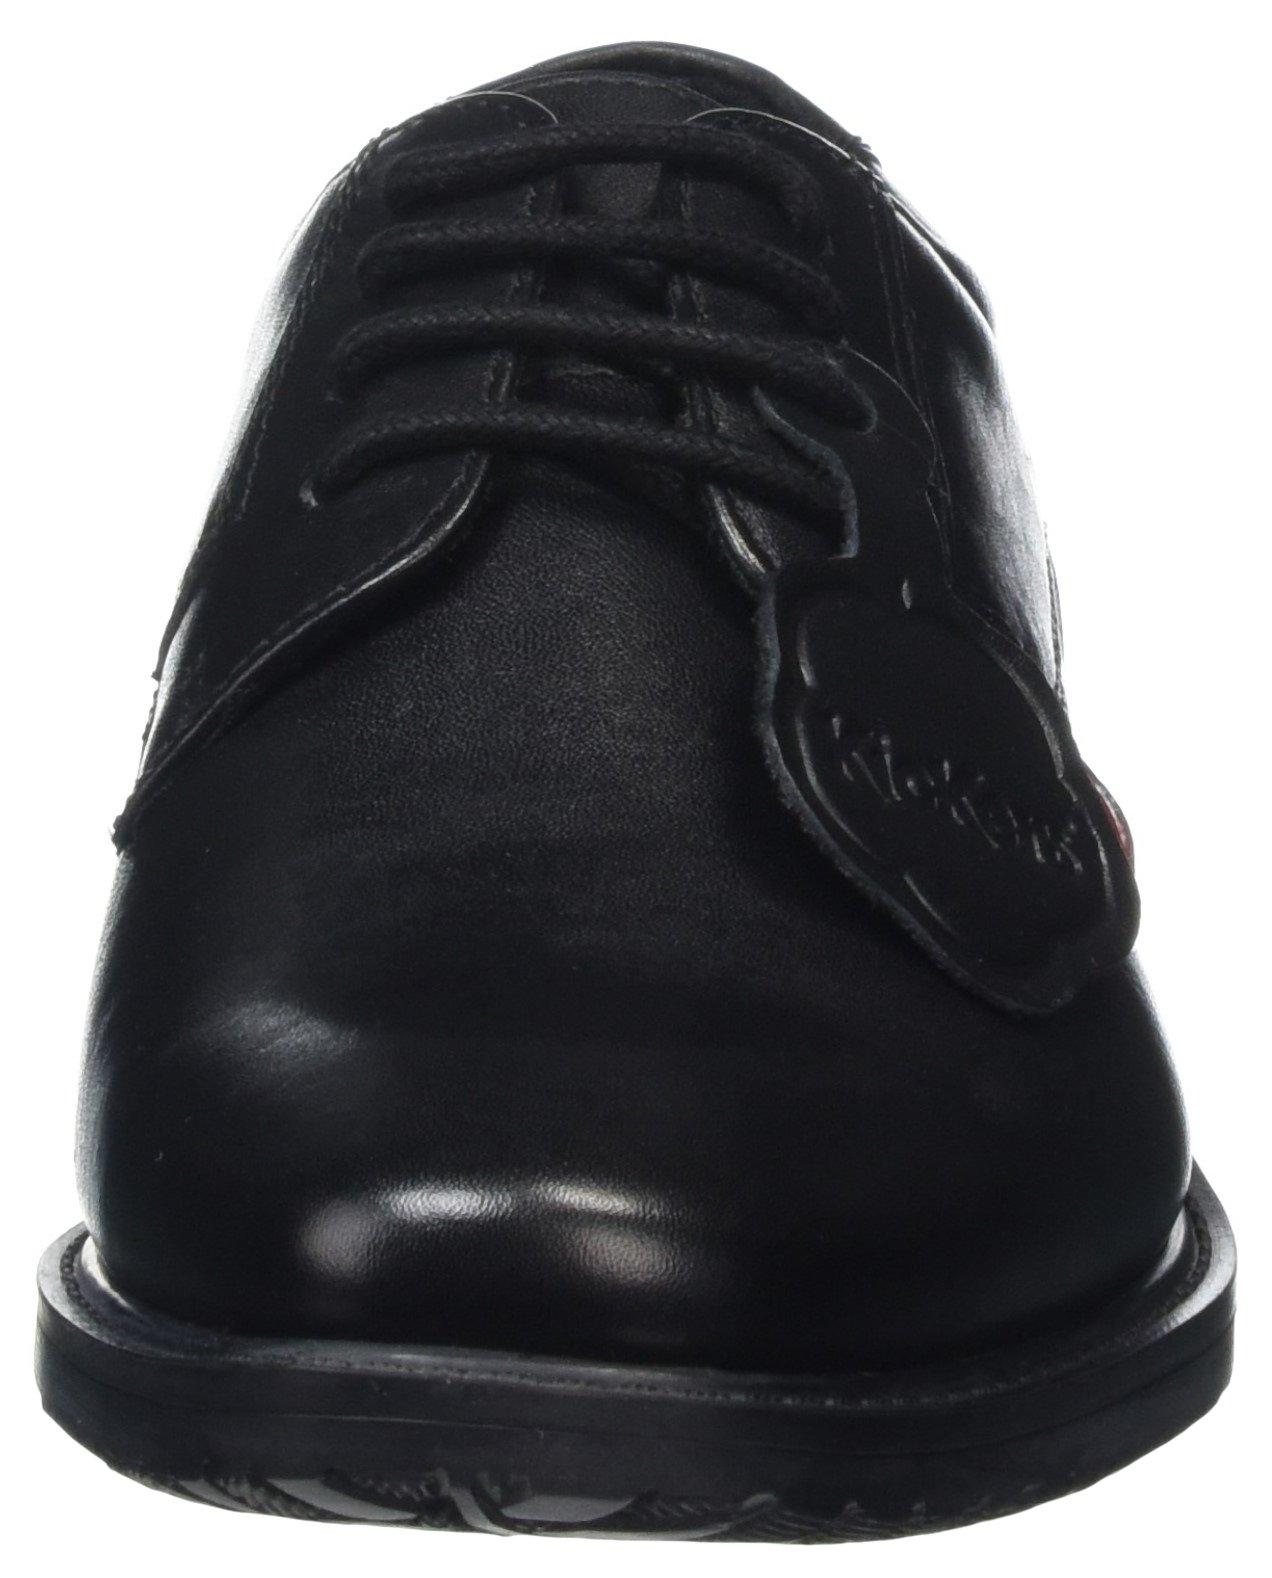 Kickers Chreston Lace MTO Lthr Ym, Zapatos de Cordones Derby Hombre